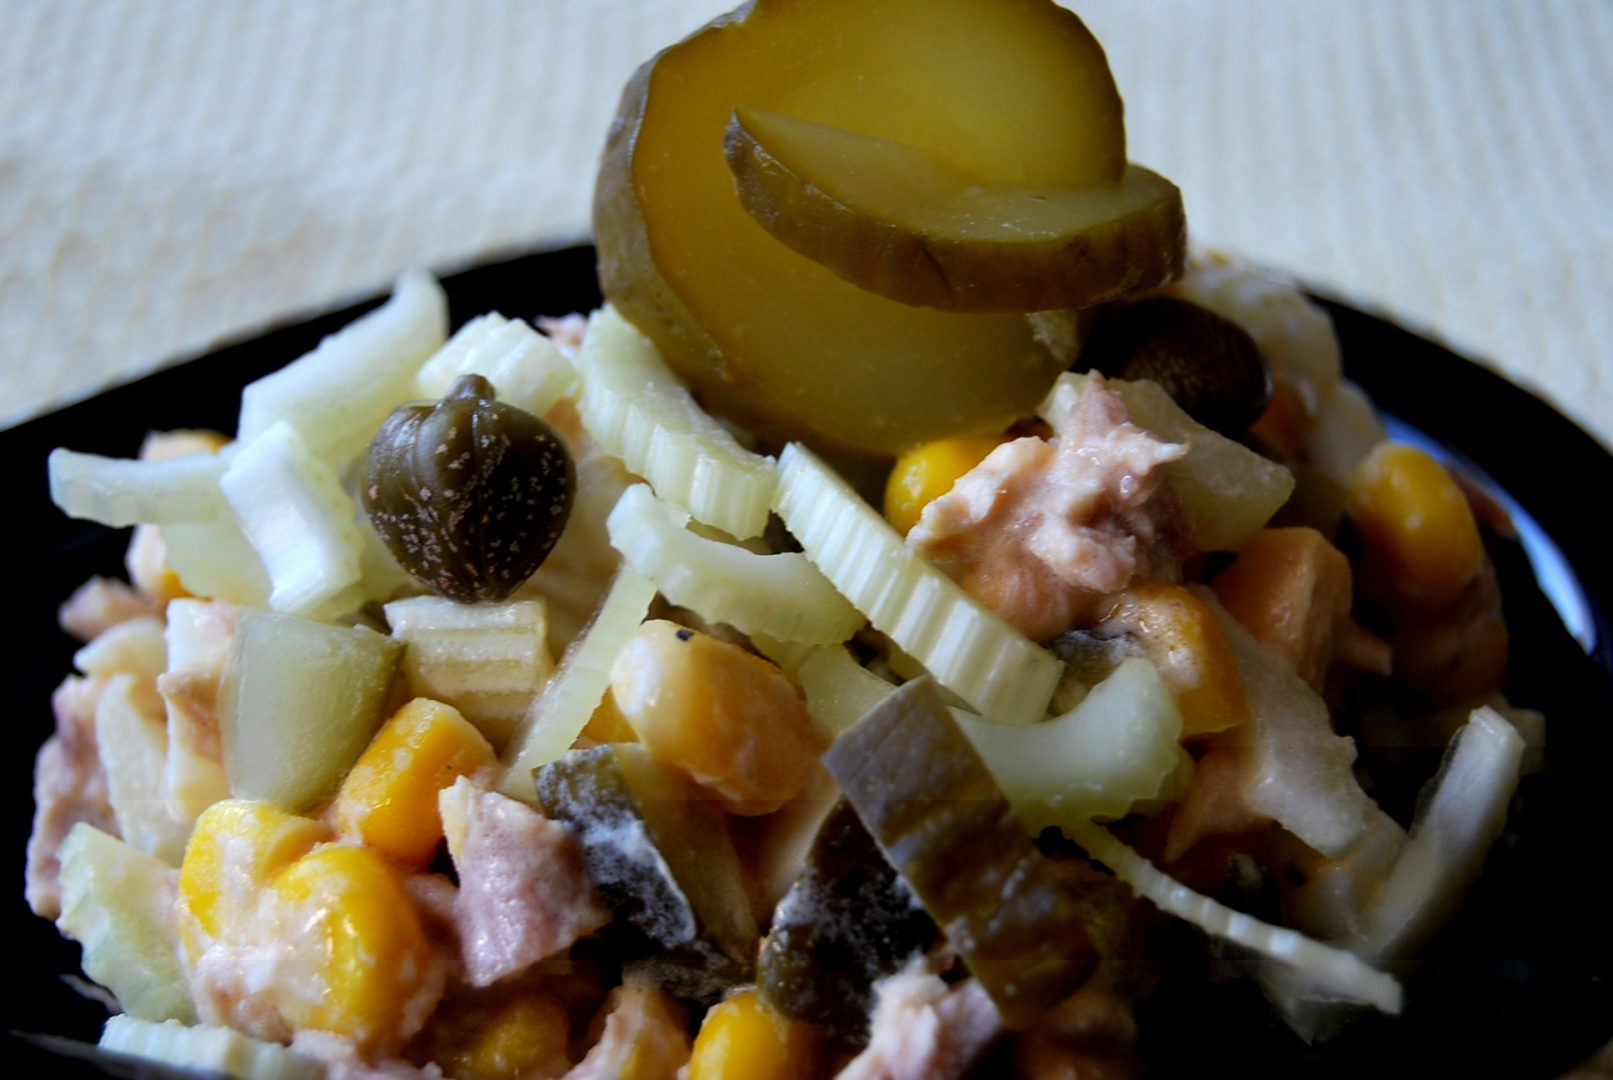 pasta z makreli z kaparami i selerem naciowym